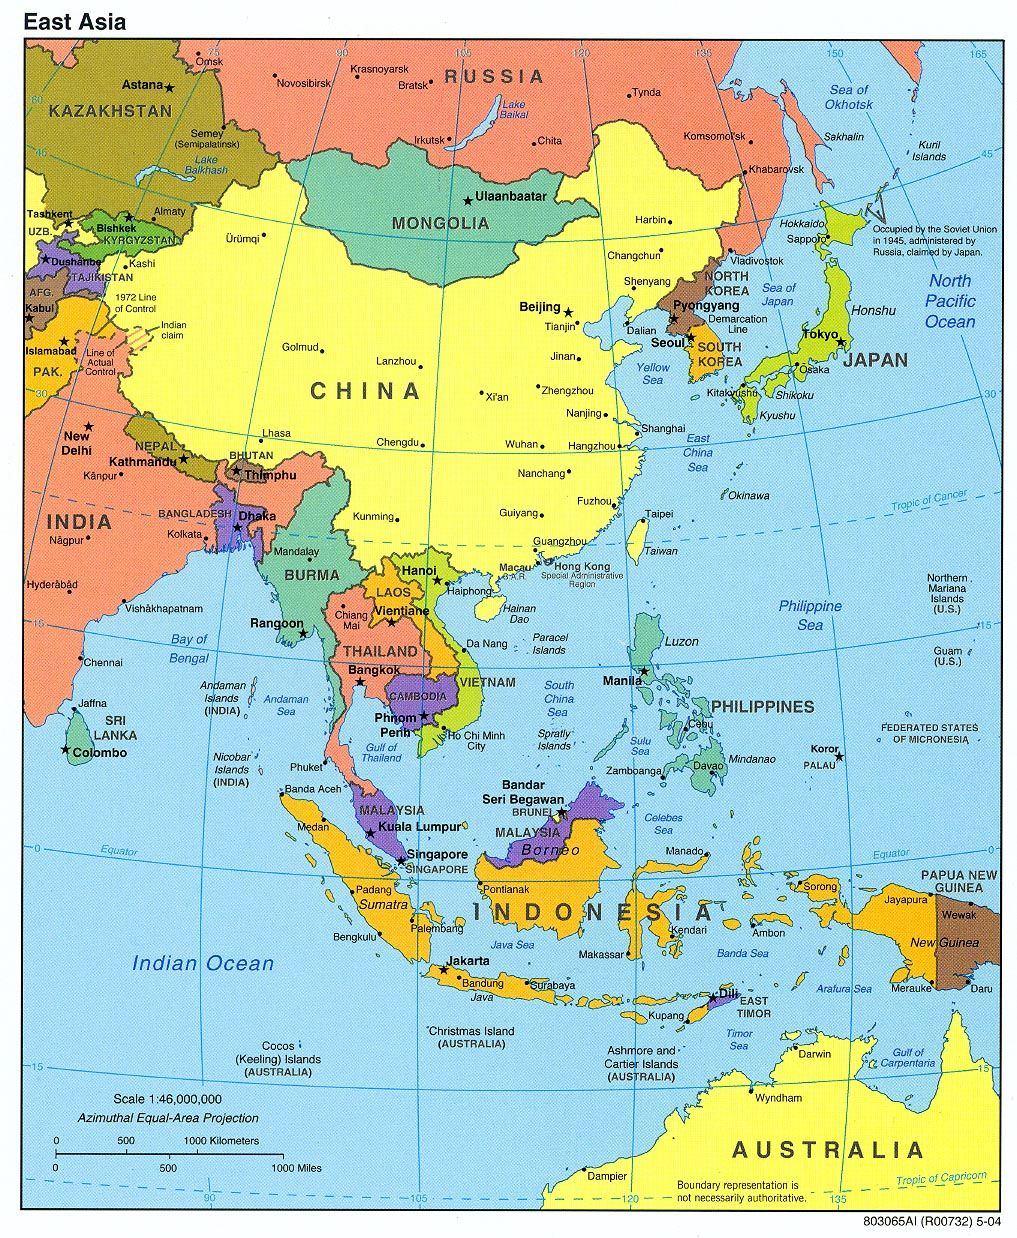 Jessica R. reccomend Asian region map